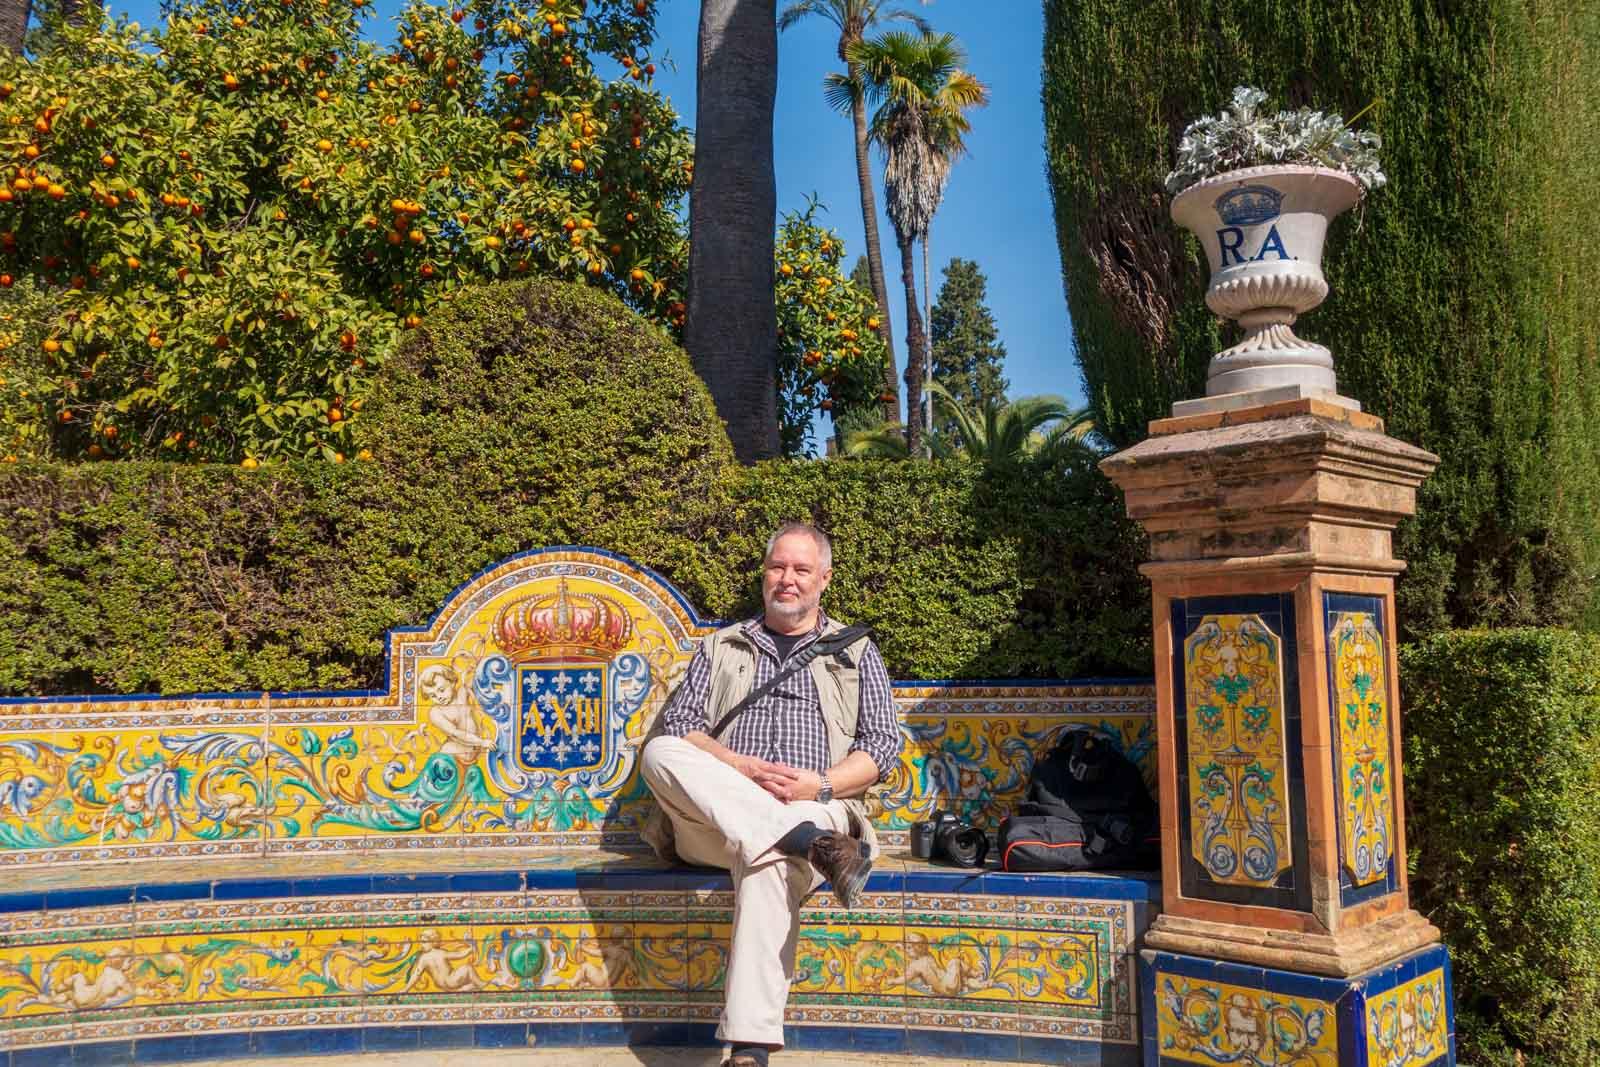 Alcazar, Alcazar Real de Sevilla, Andalusia, Andalusien, Sevilla, Seville, Spain, Spanien